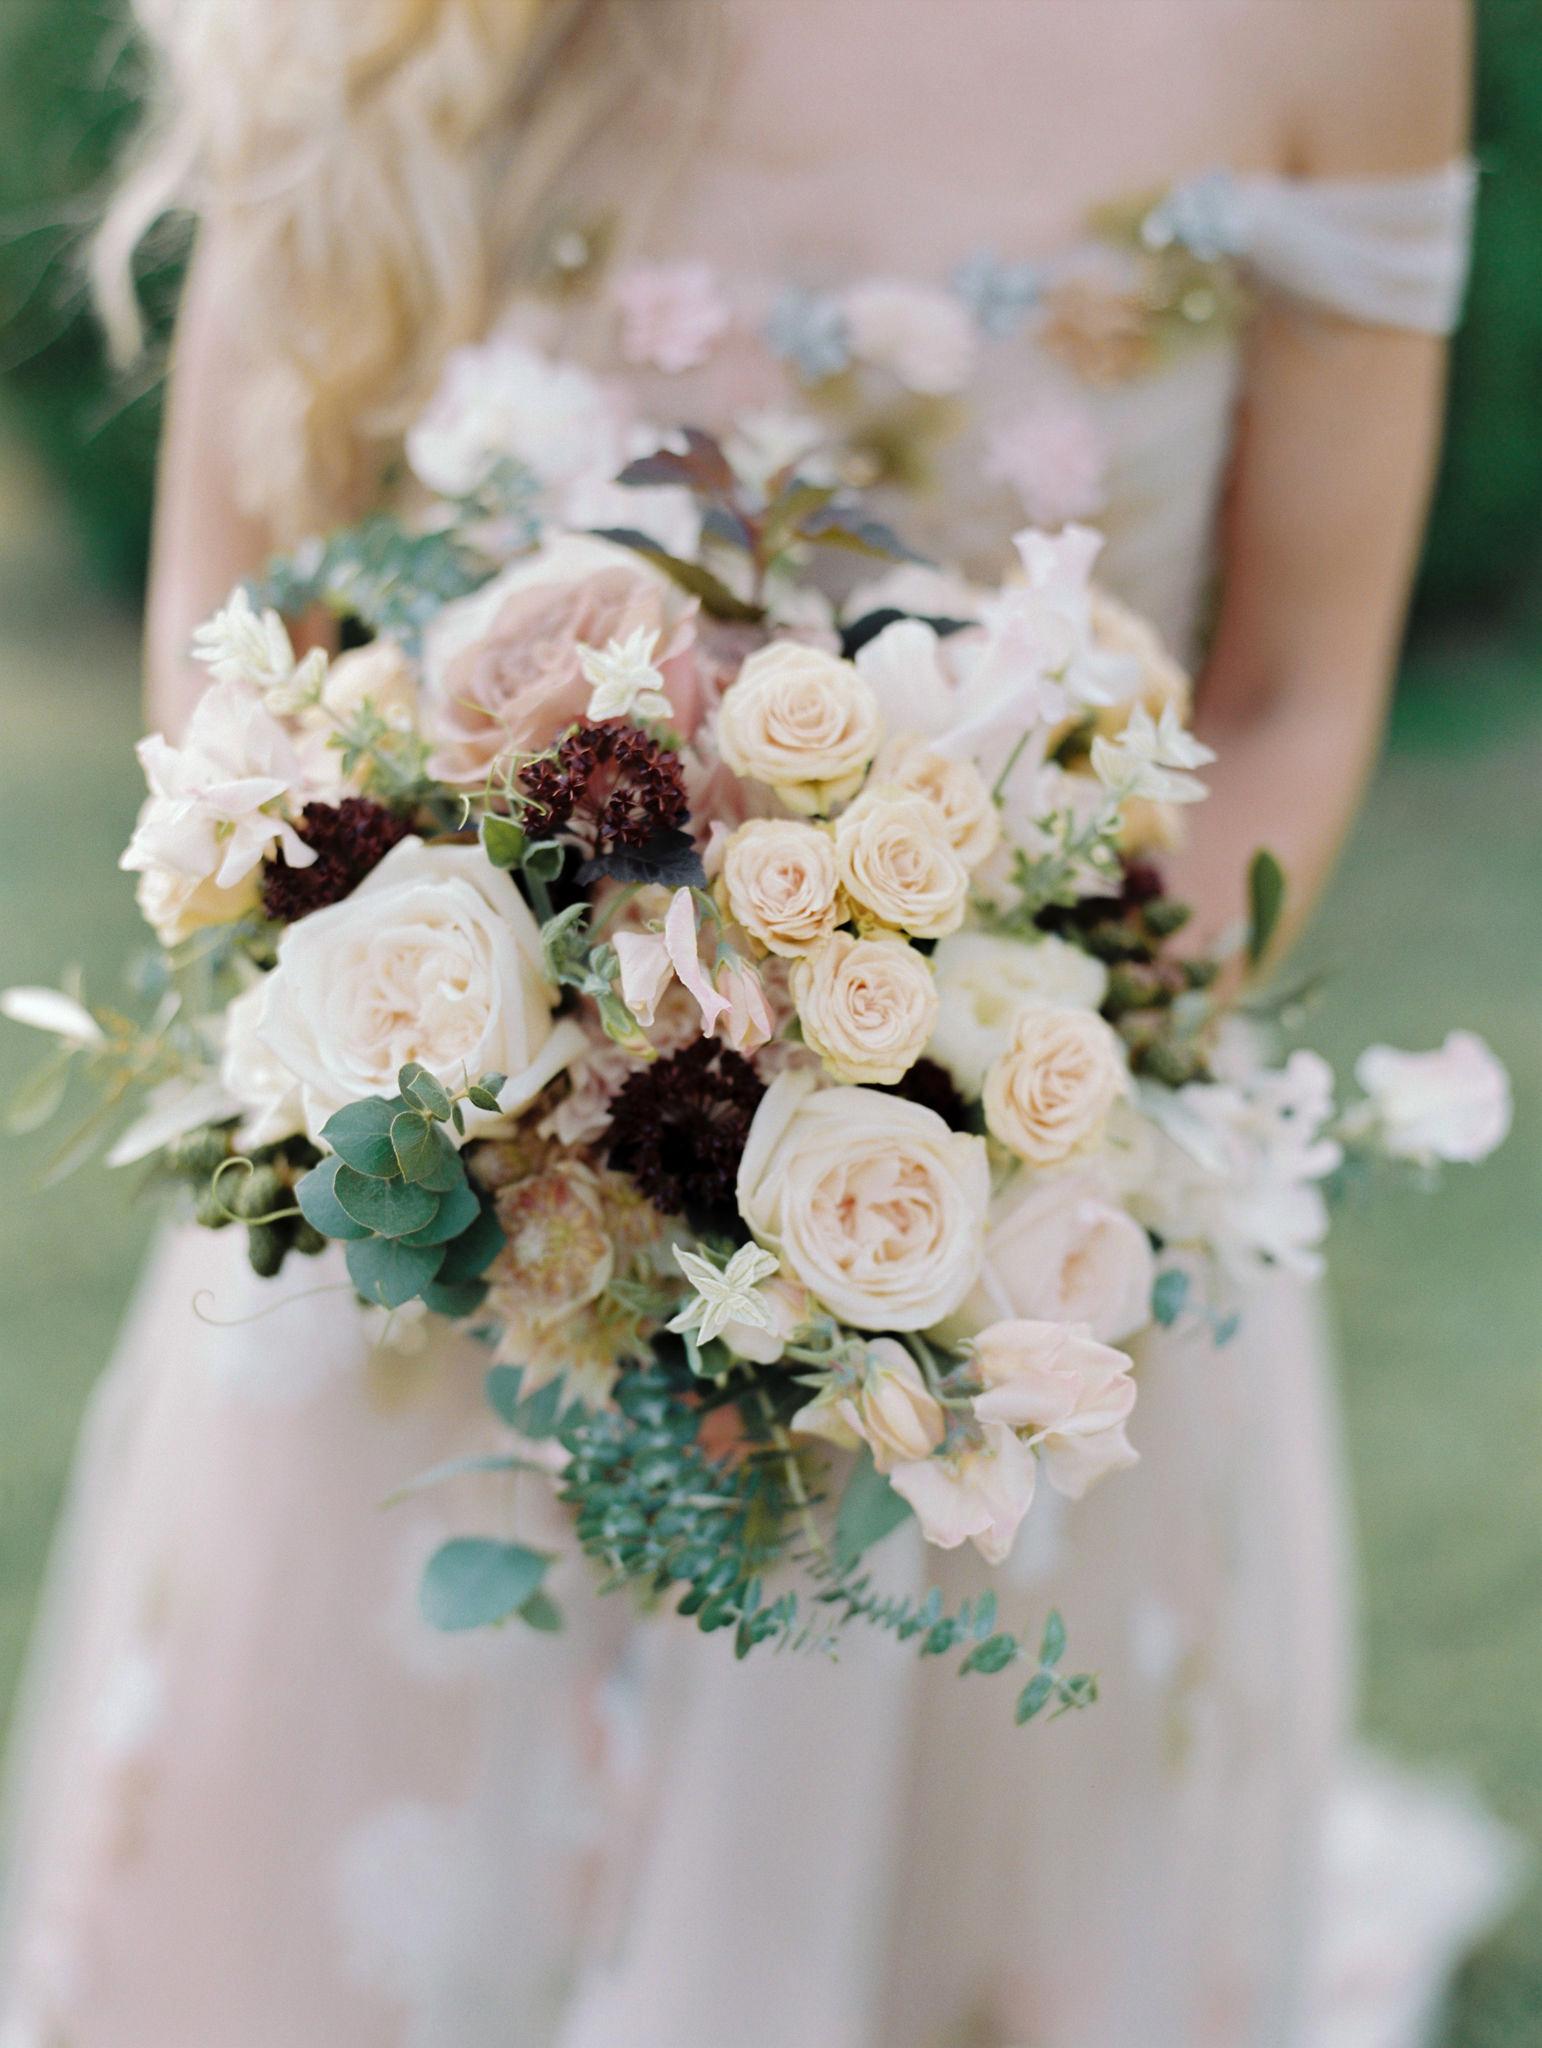 close-up bride's bouquet